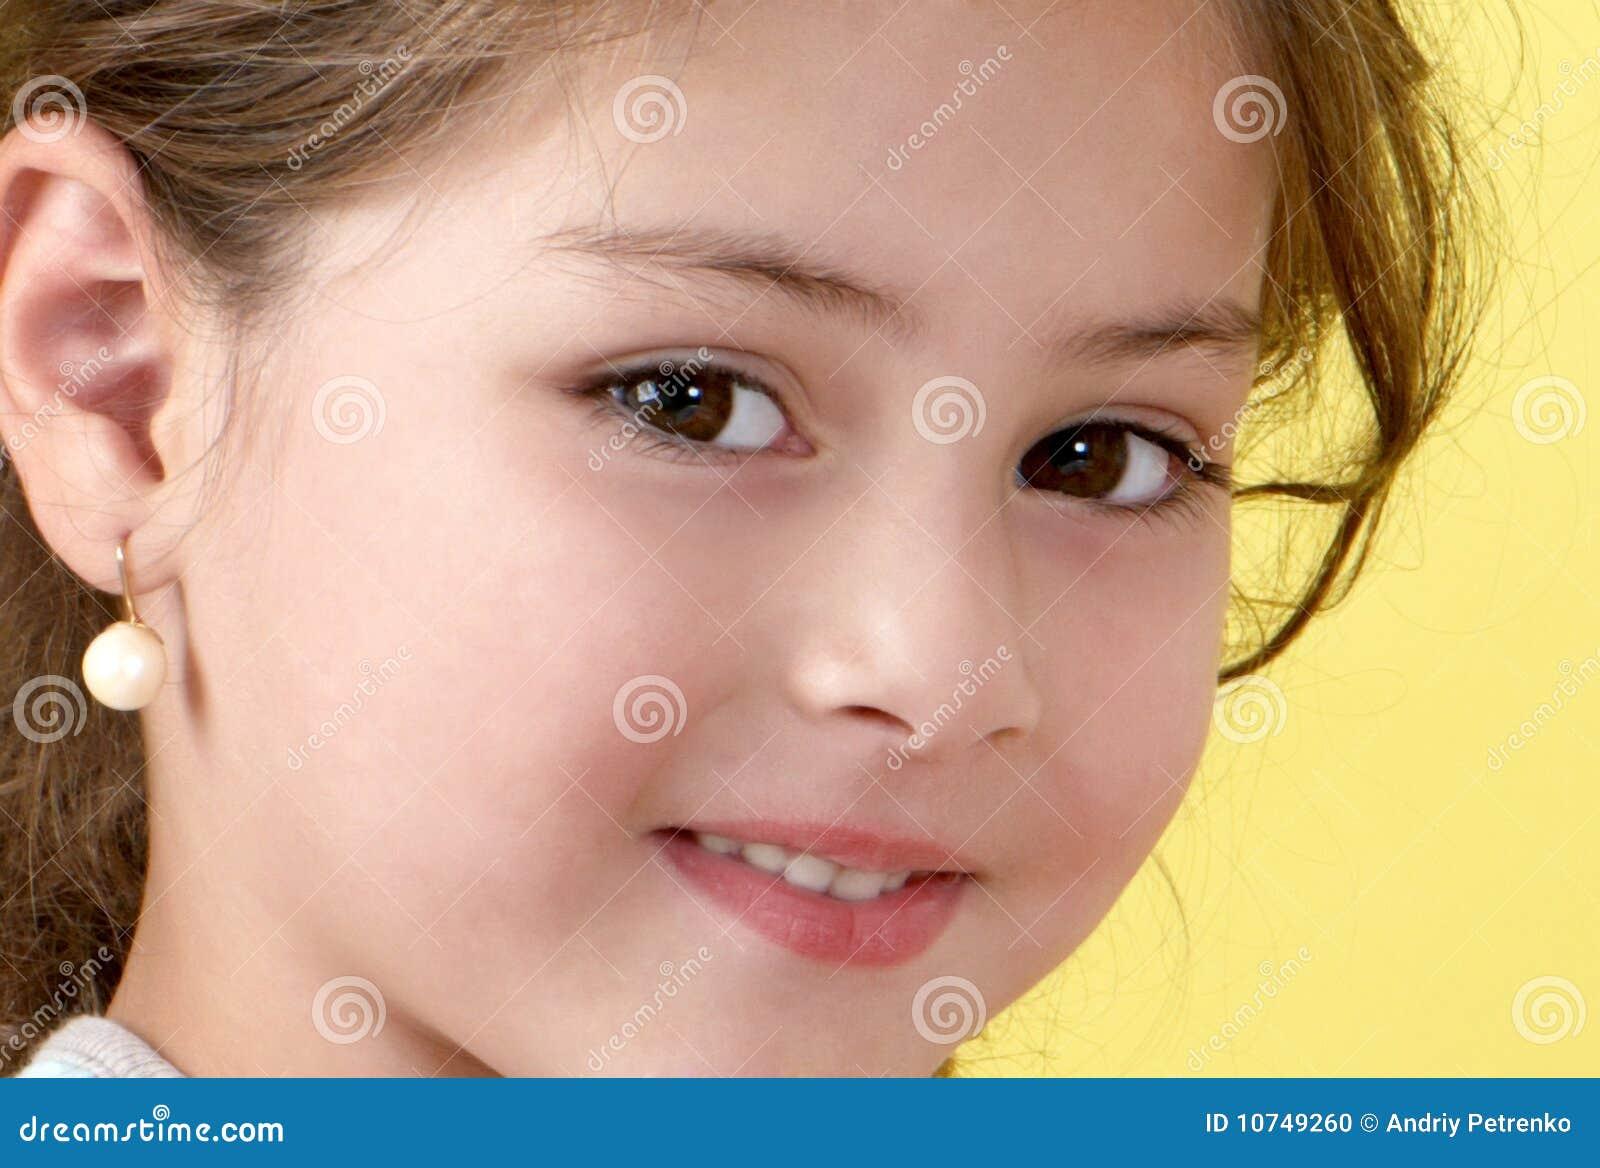 Happy Little Girl Stock Photo - Image: 10749260